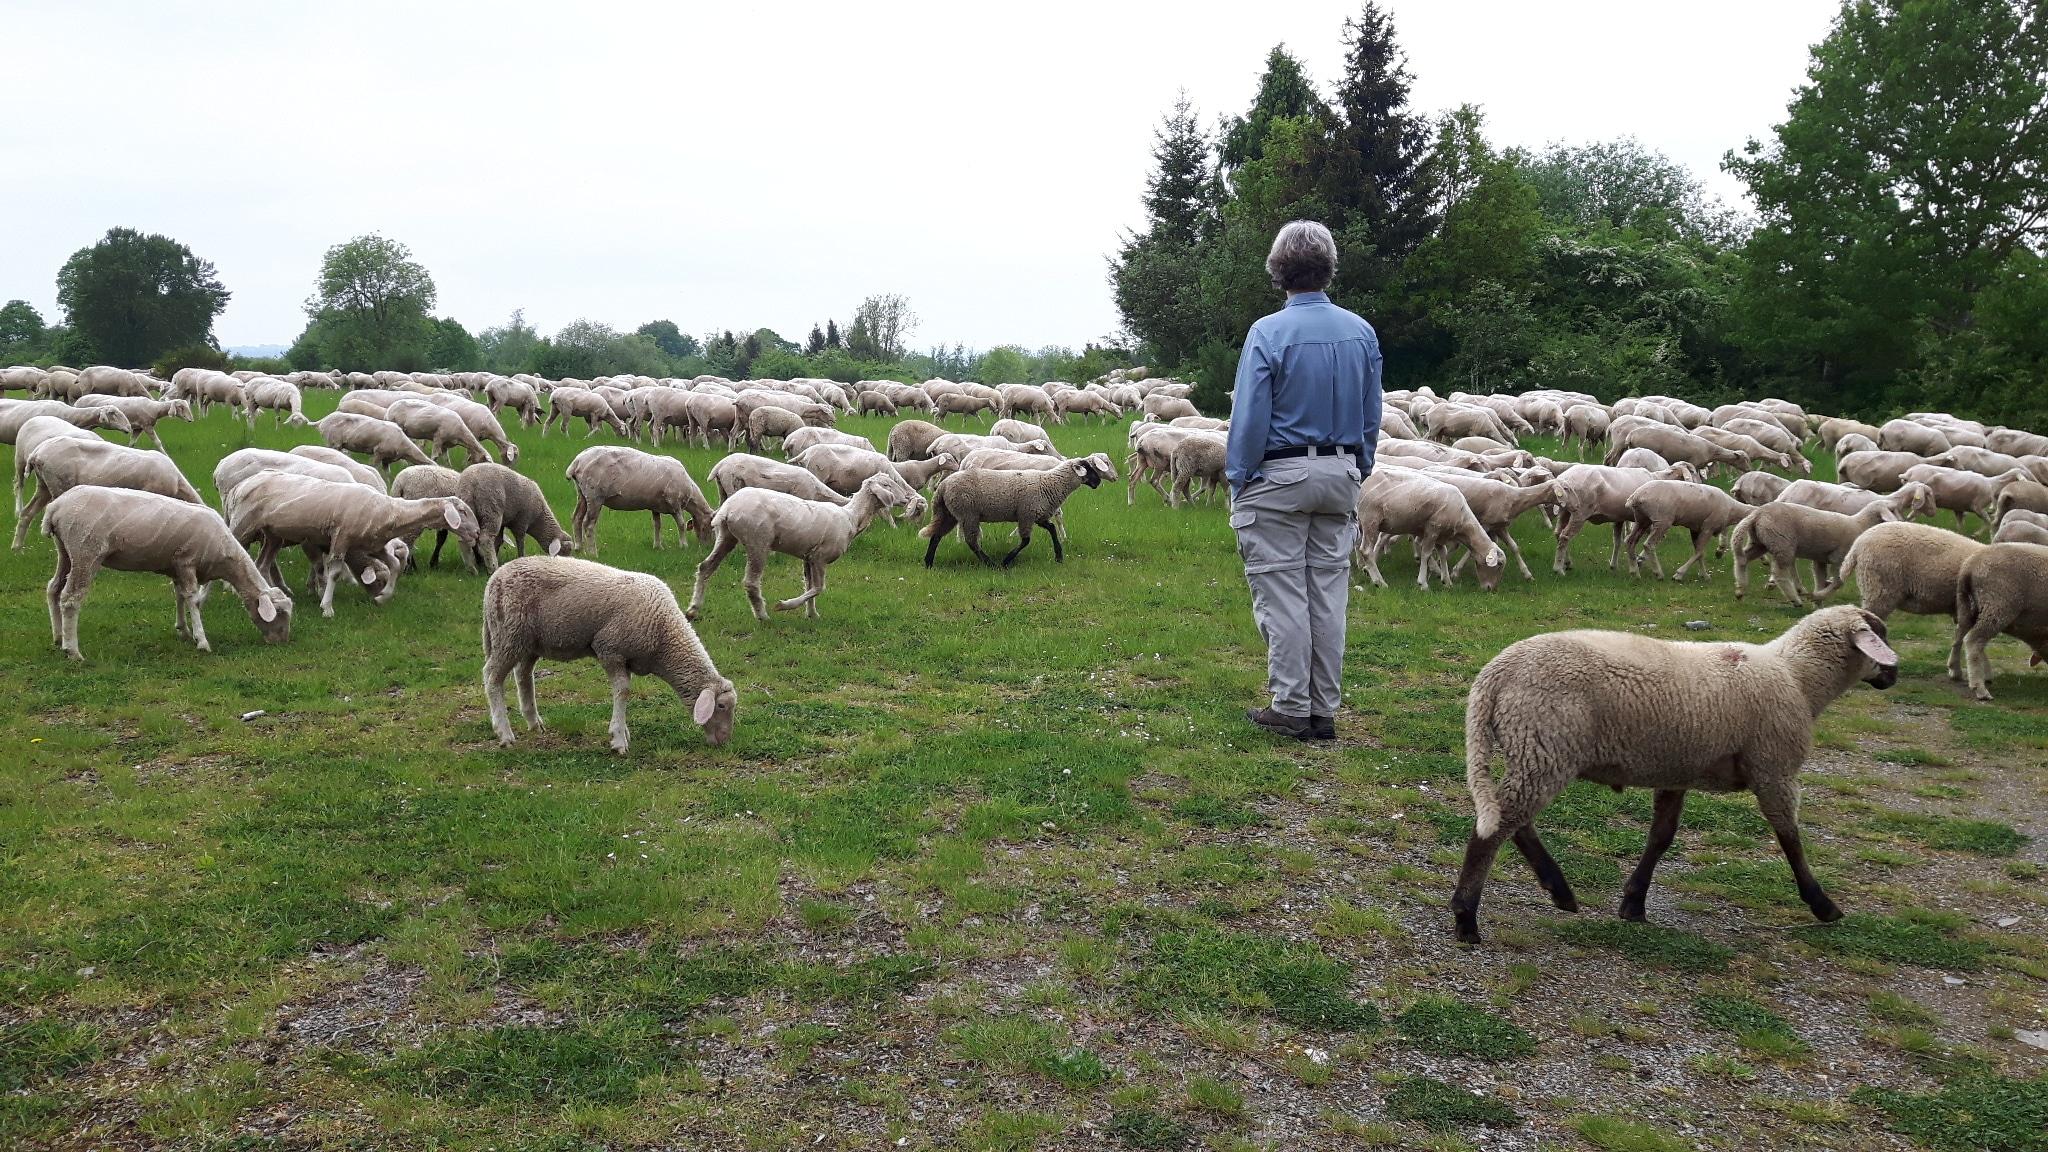 Clemens und die Schafe